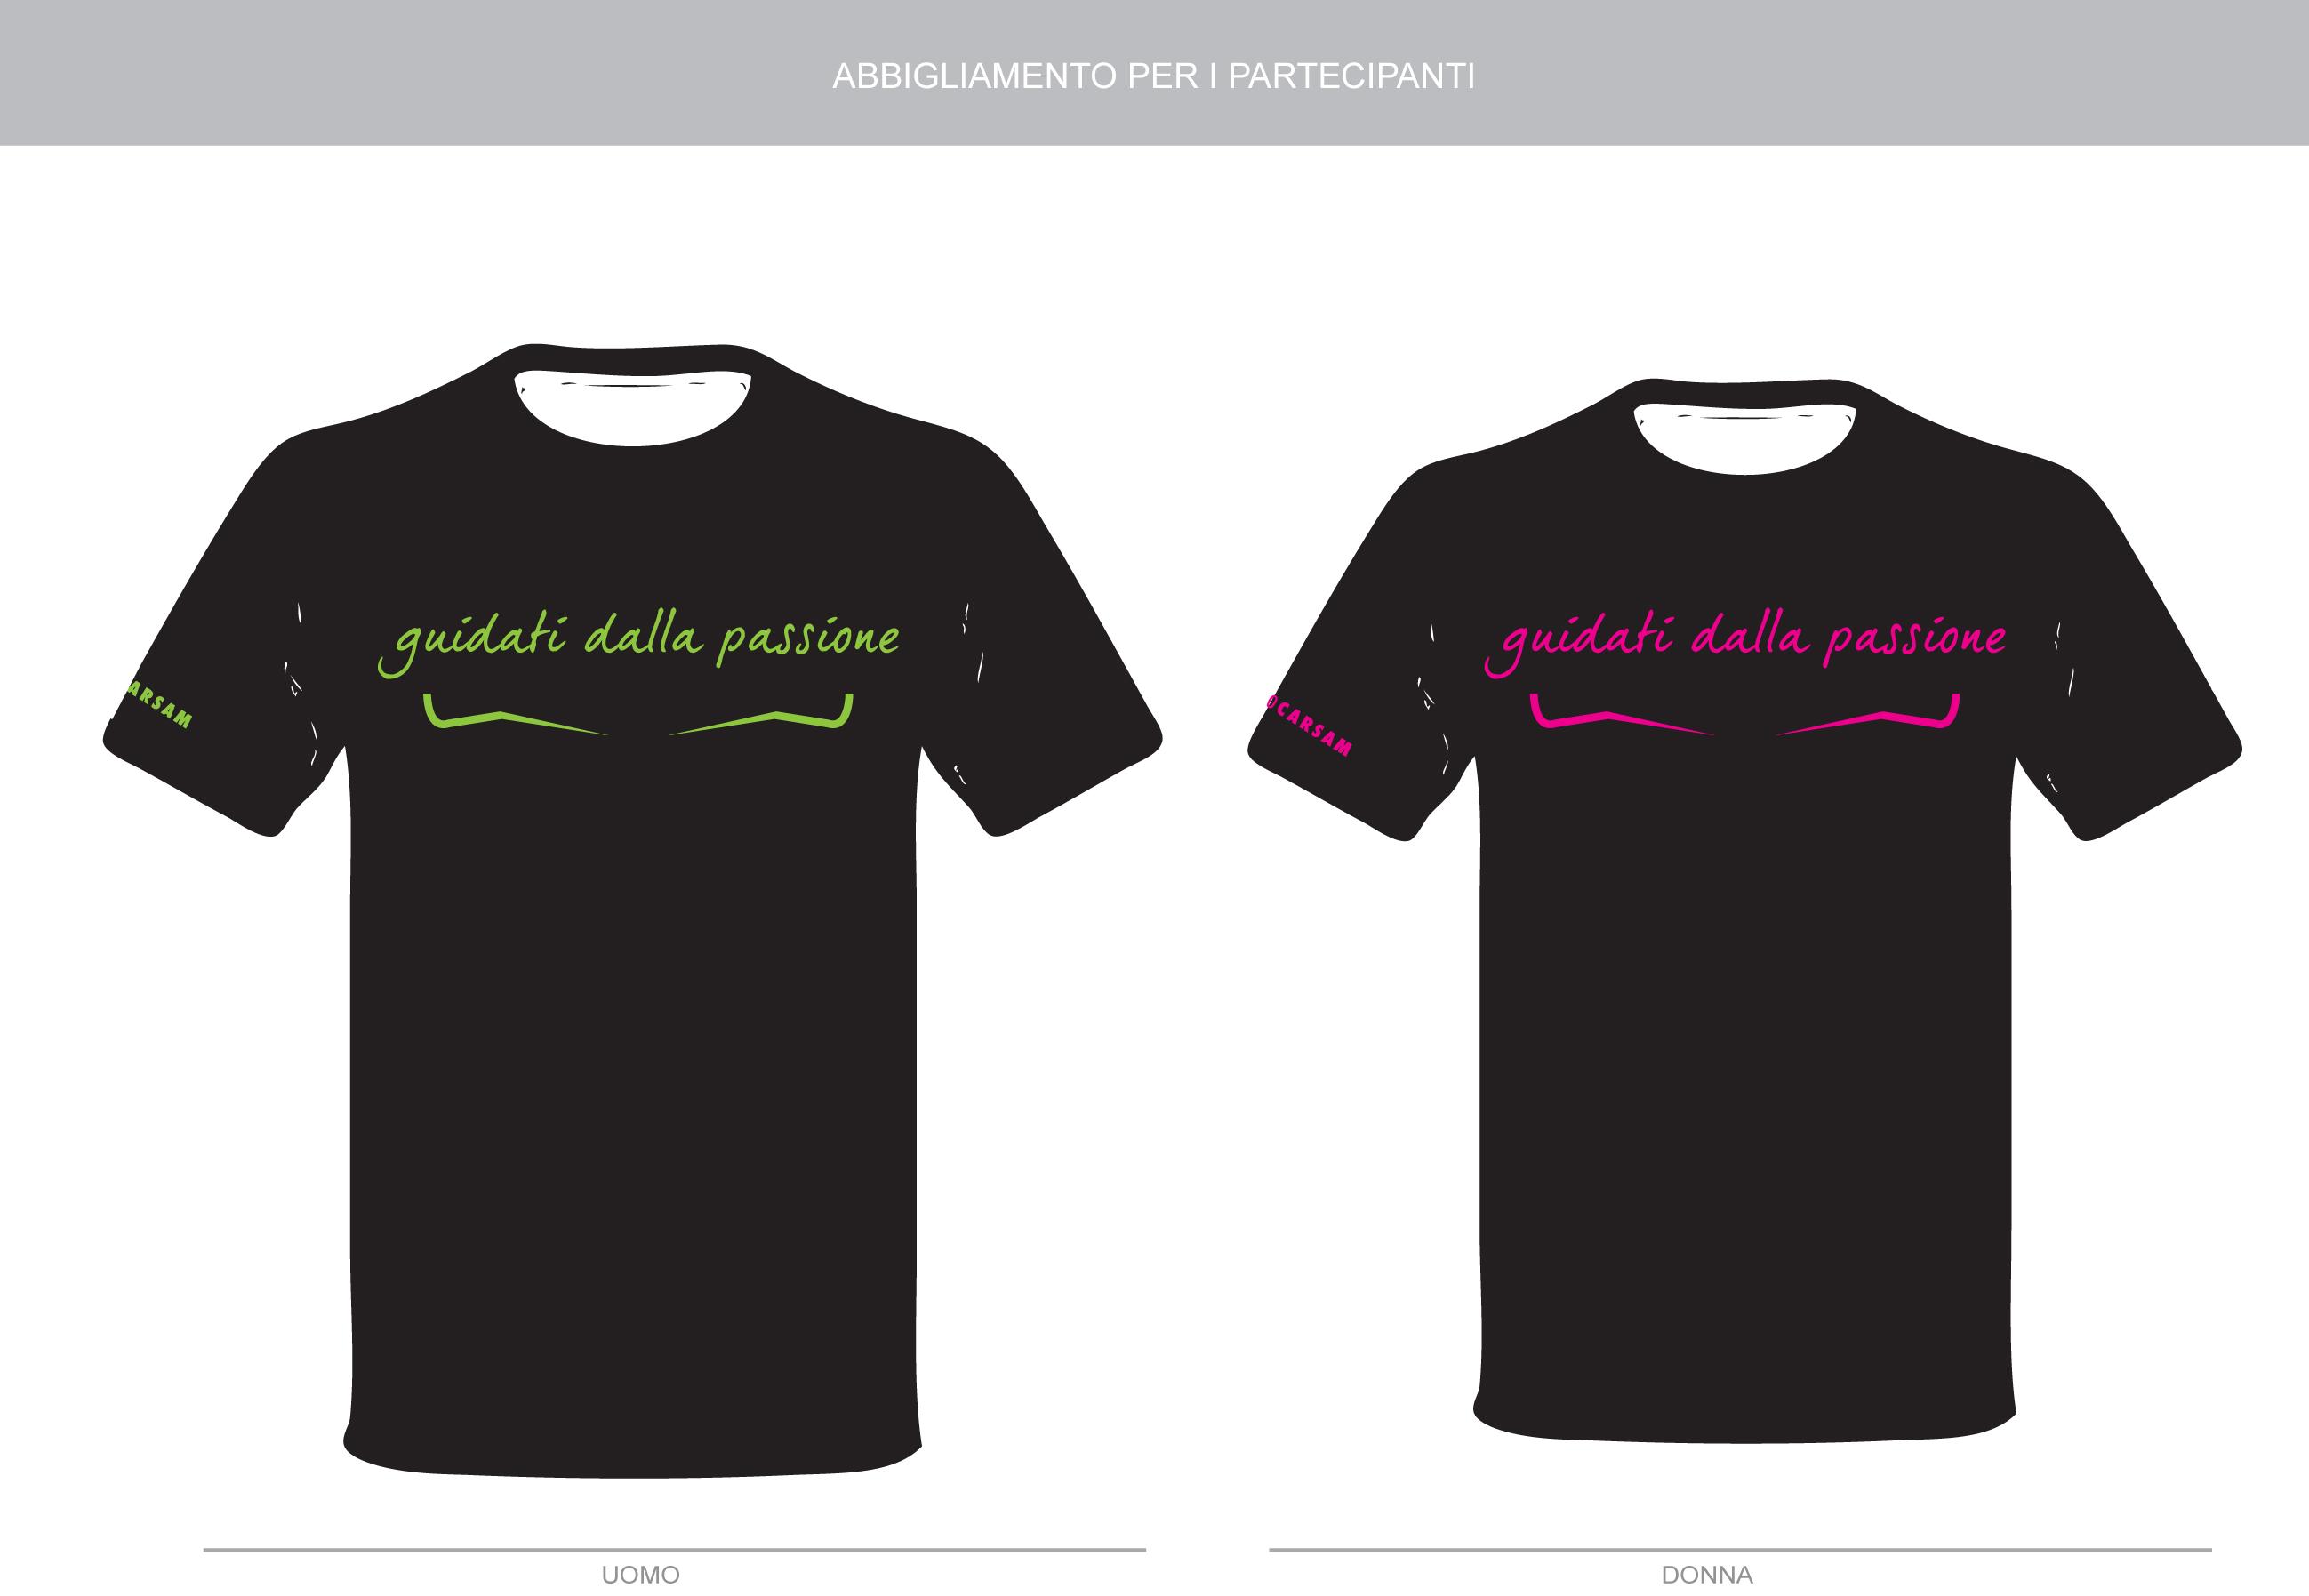 Abbigliamento personalizzato t-shirt Carsam Chivasso-Torino 49bc301cf444